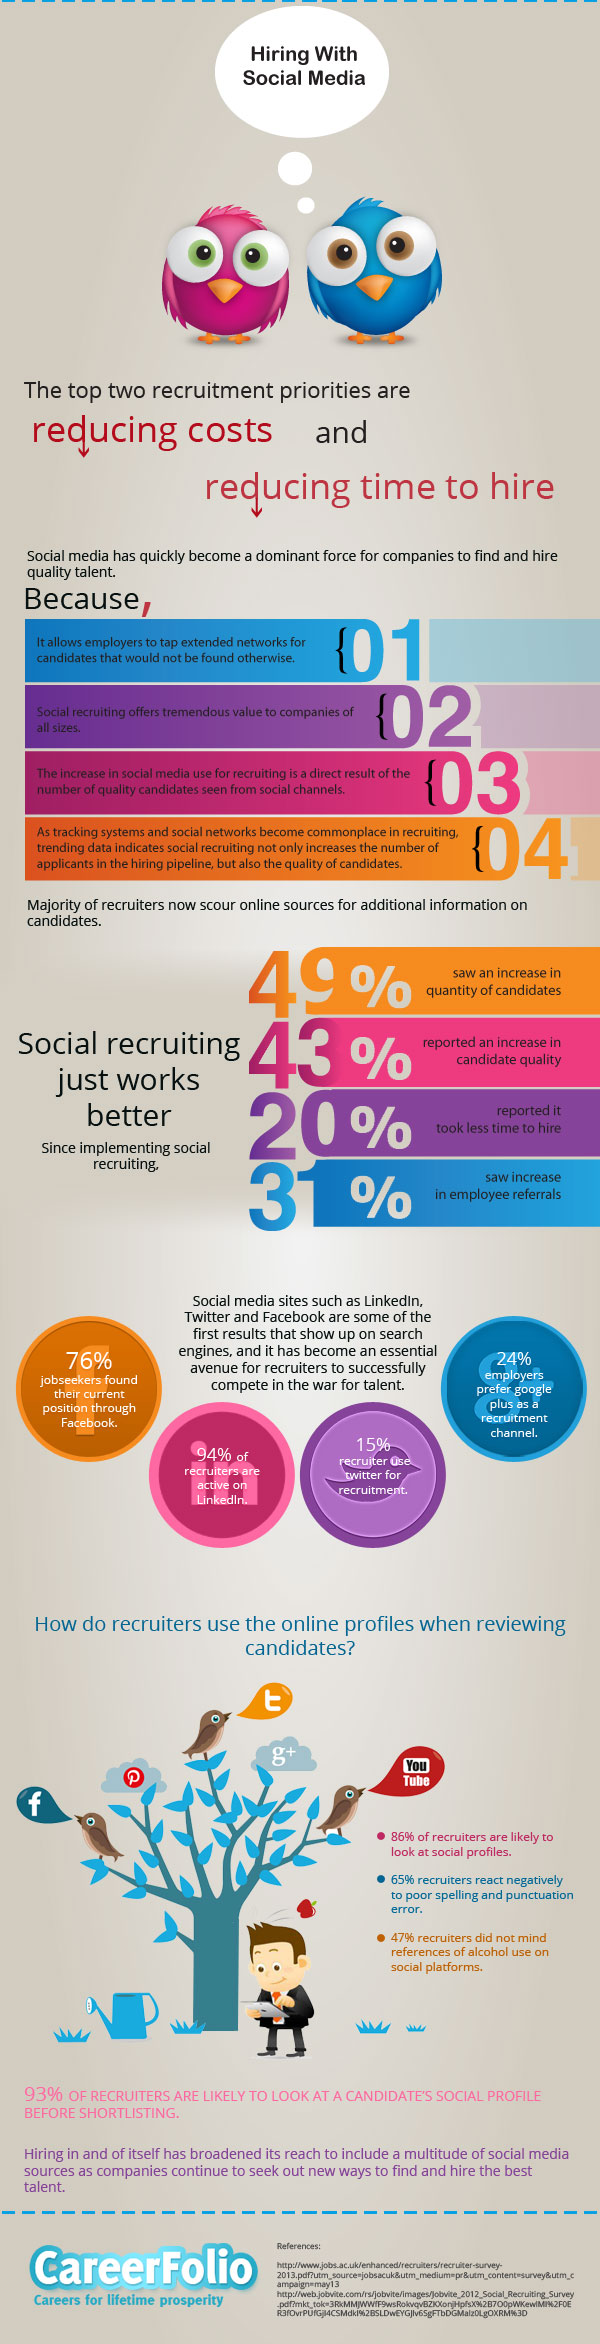 Contratando con Redes Sociales